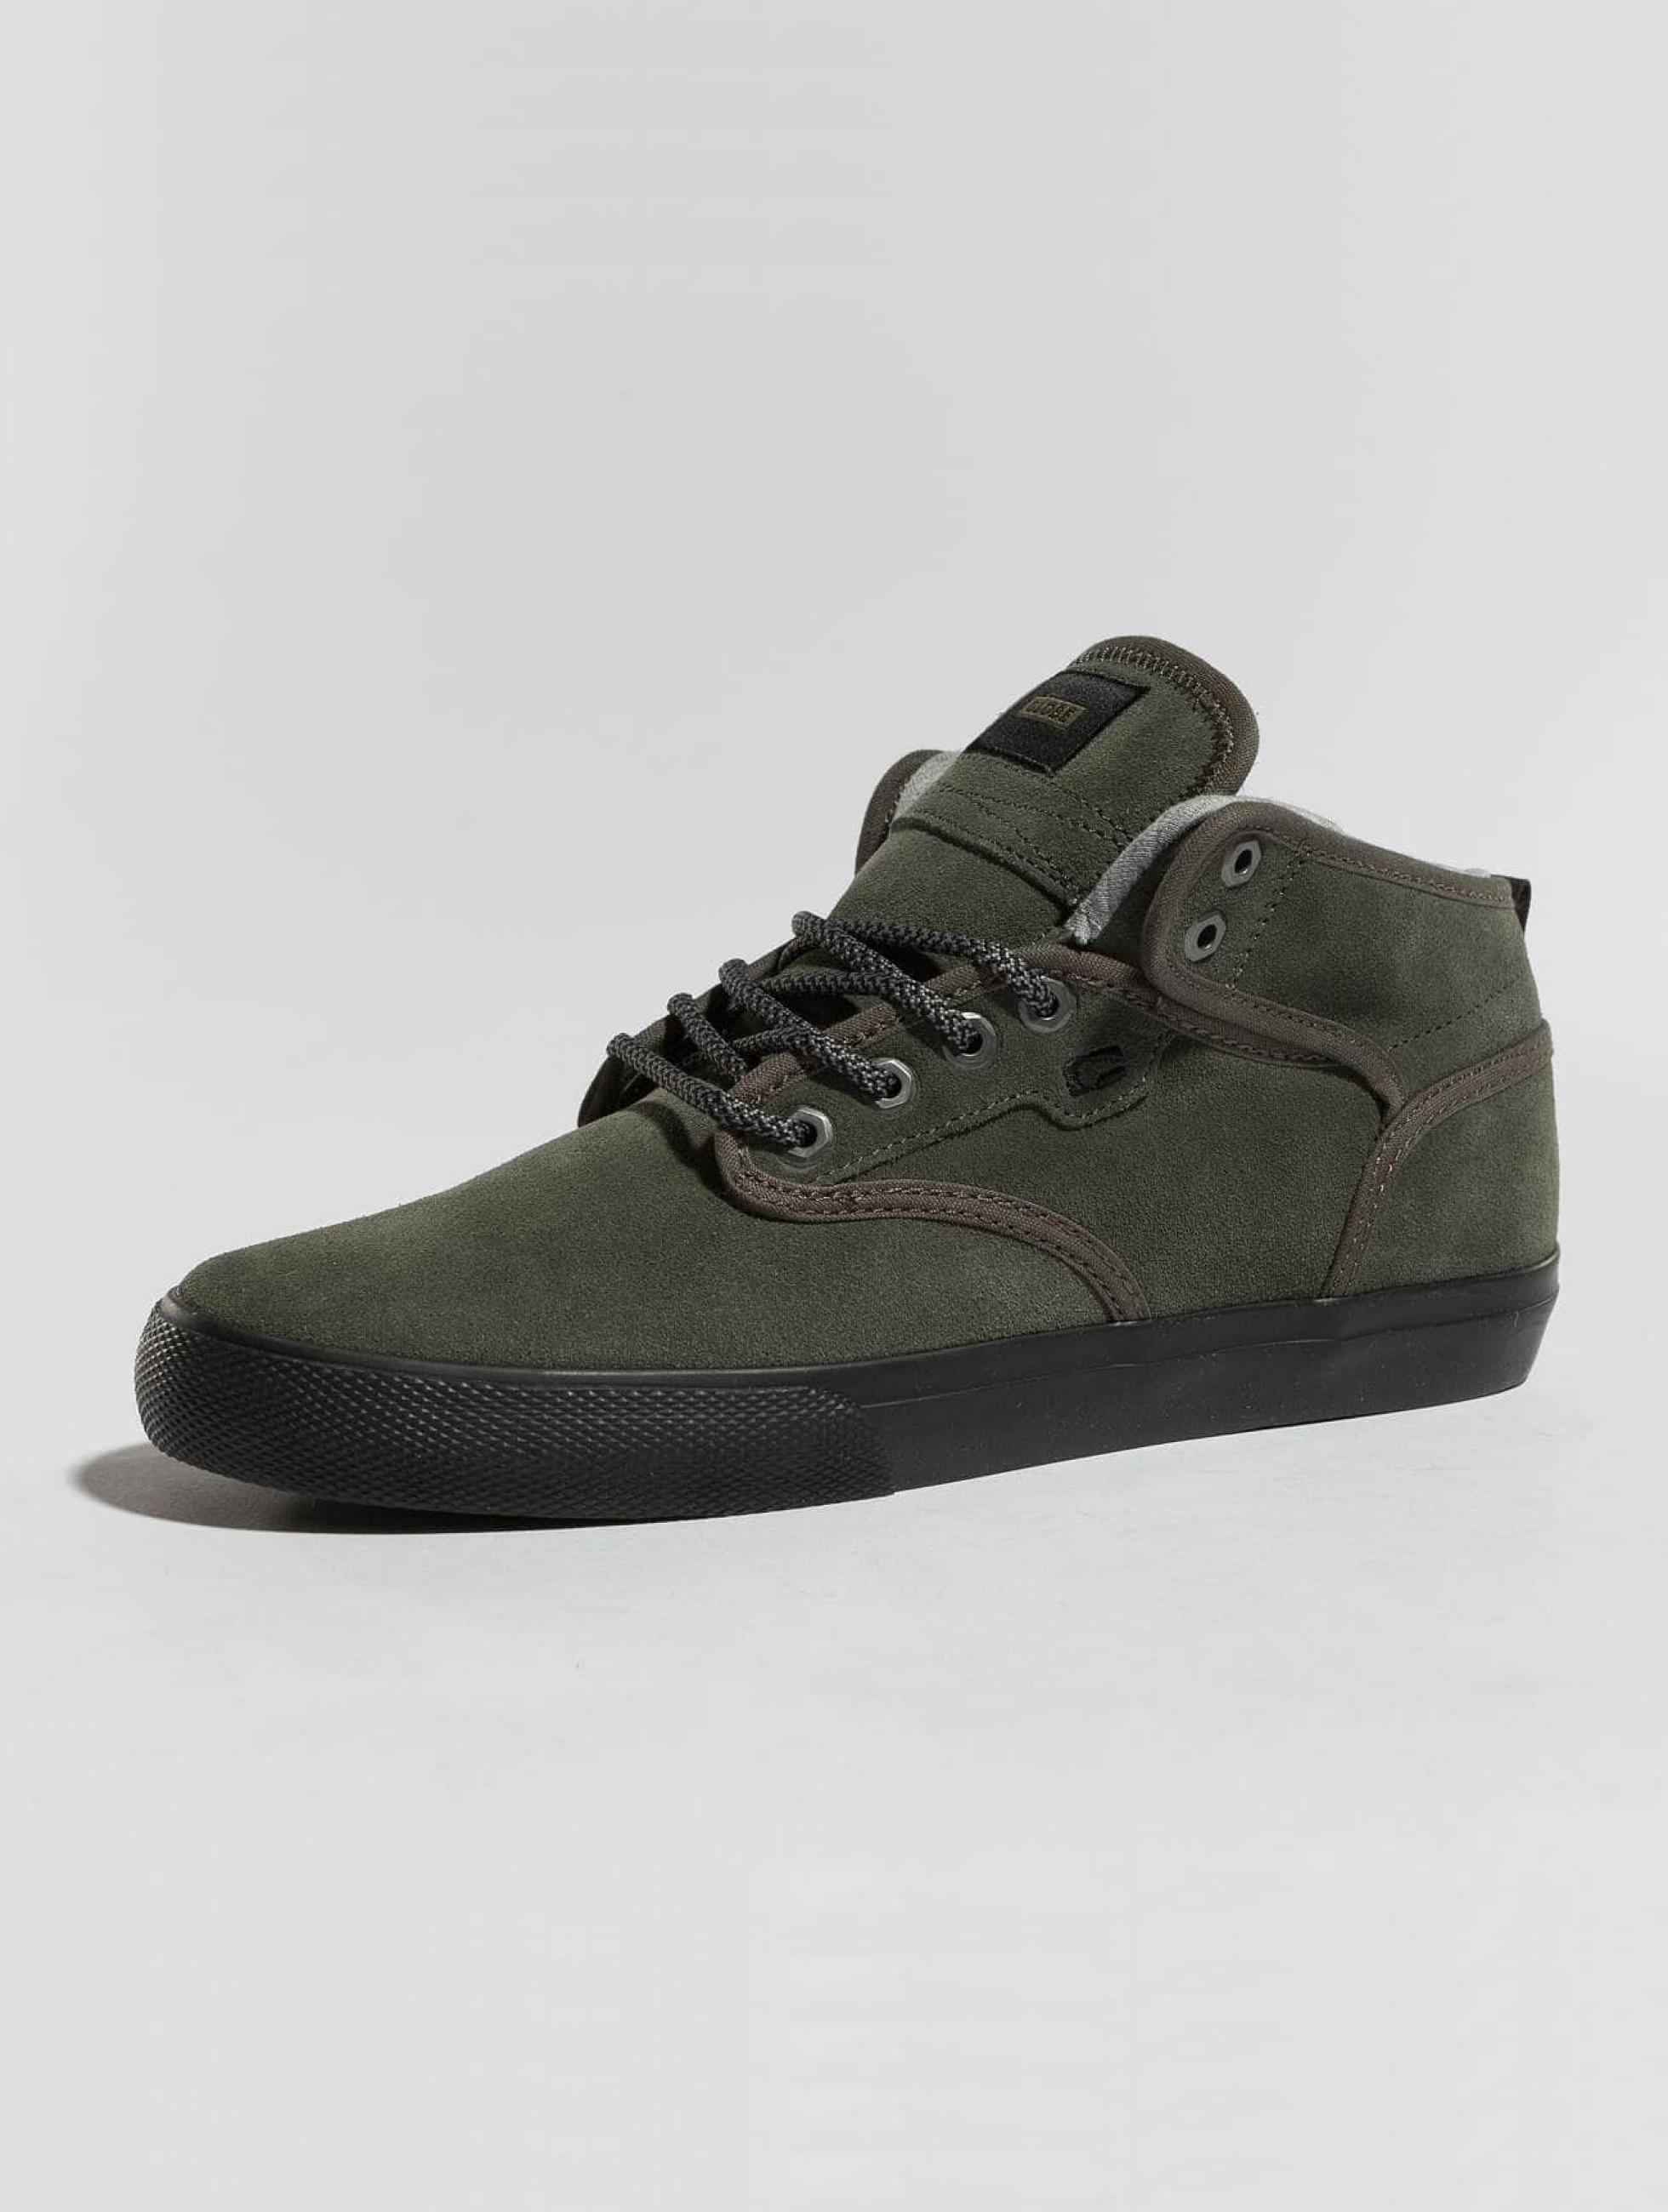 buy popular 6a043 20bca ... Air Jordan III 3 Retro Wool Mens 854263-004 854263-004 854263-004 ...